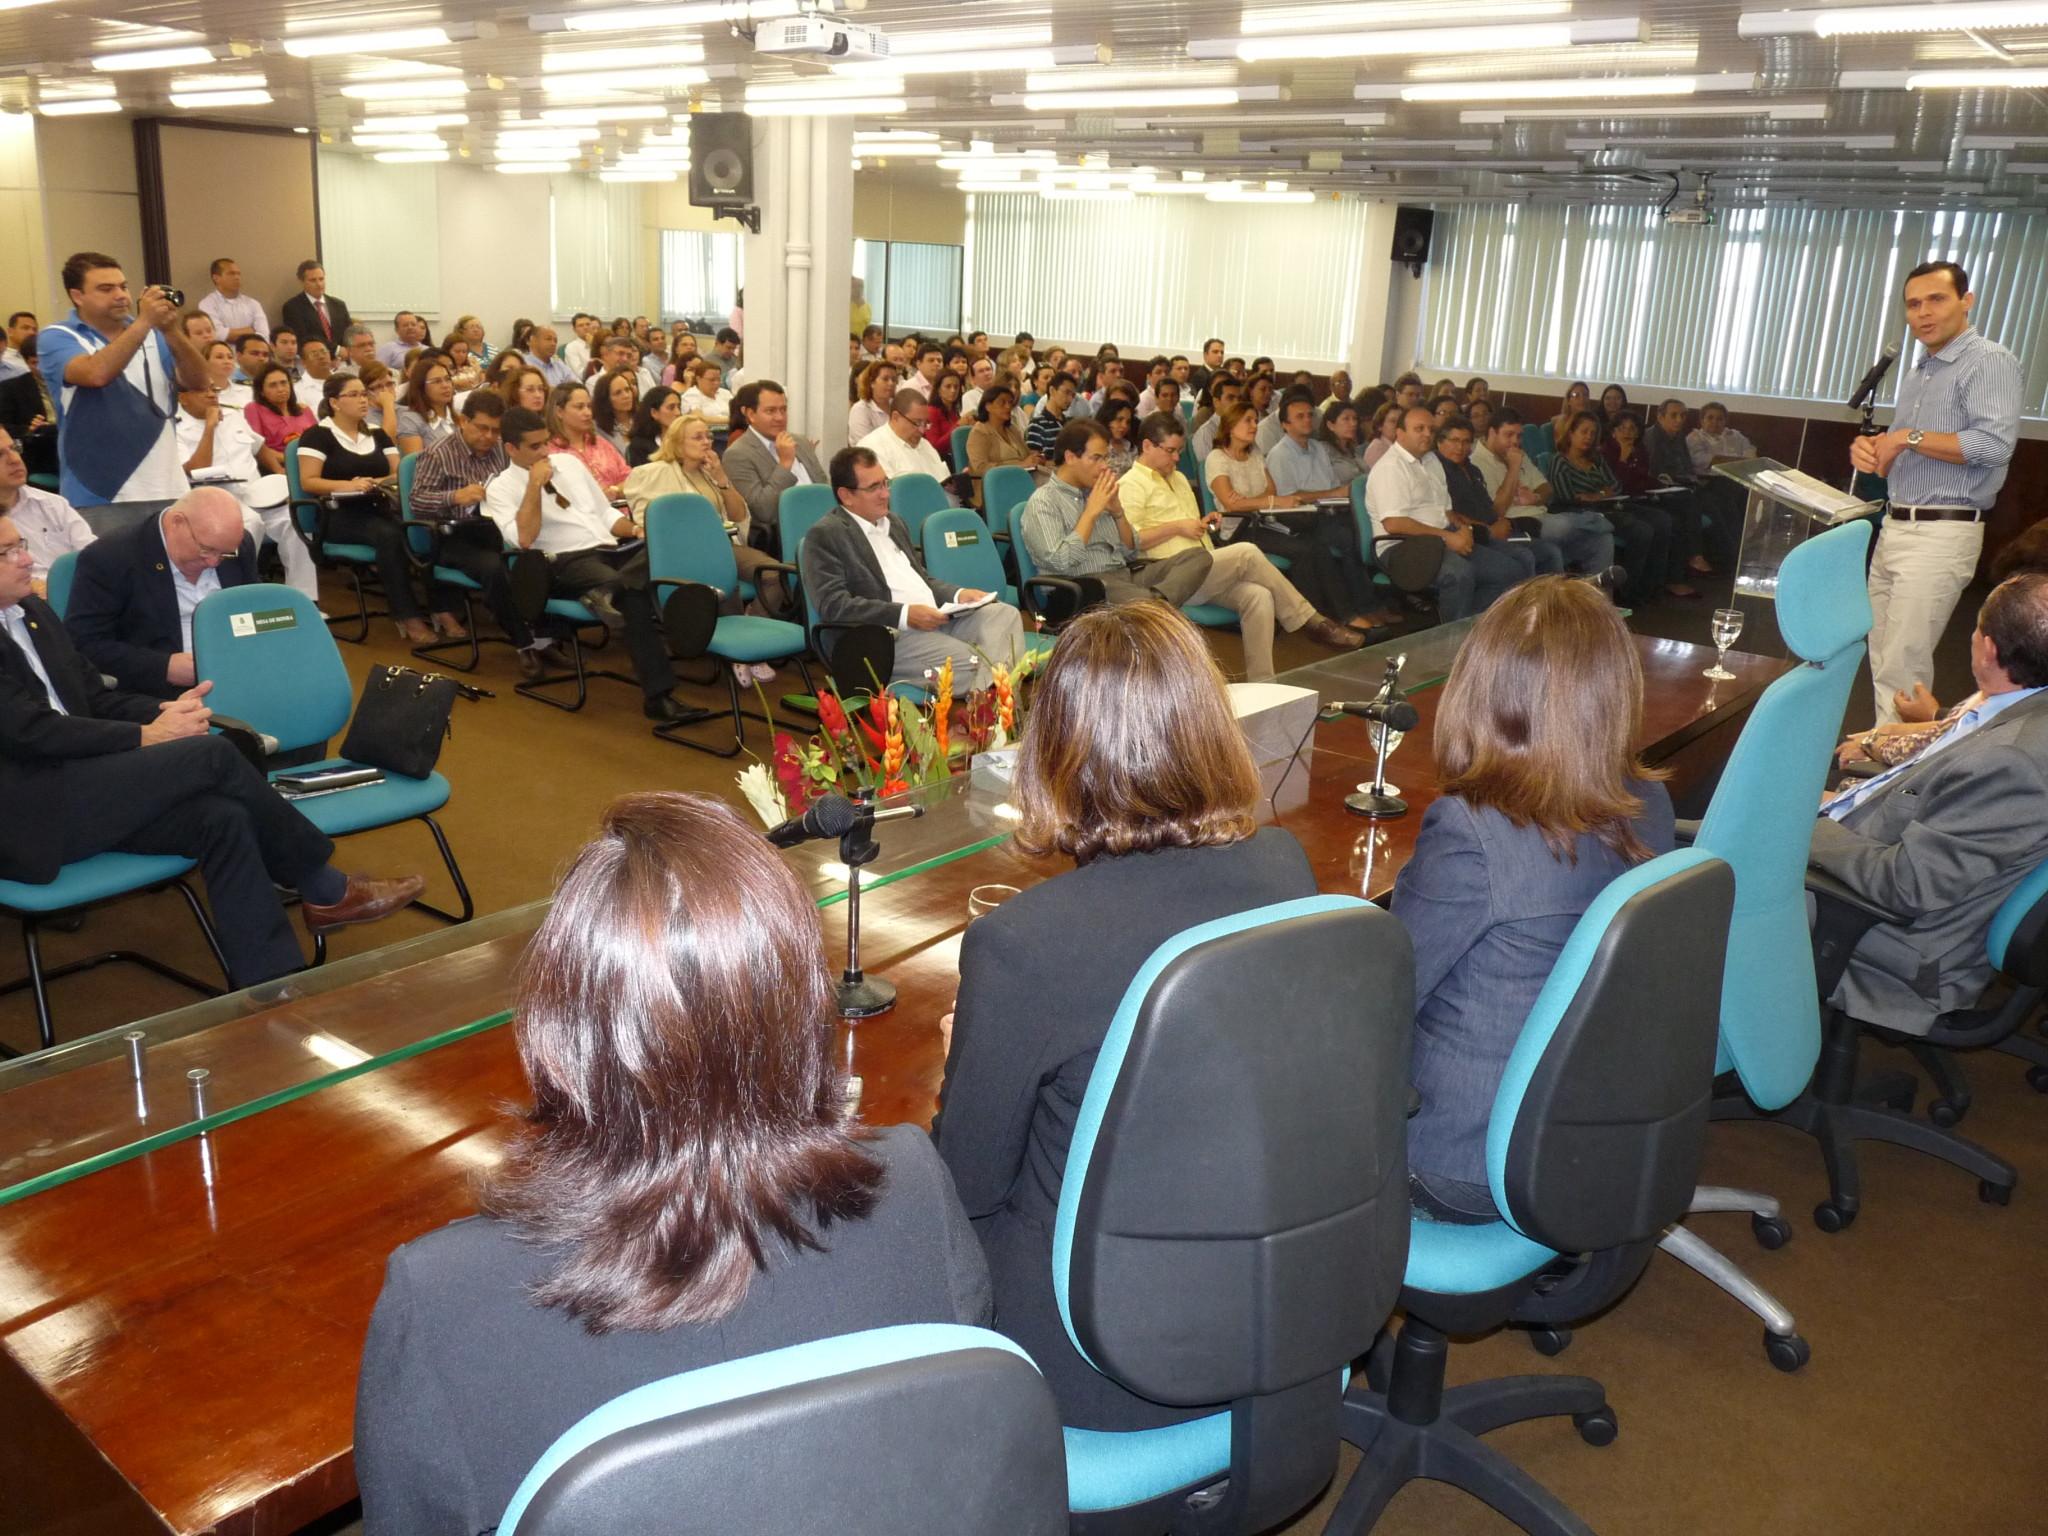 24-04-2012 - Lançamento do Prêmio Ceará Gestão Pública (28)